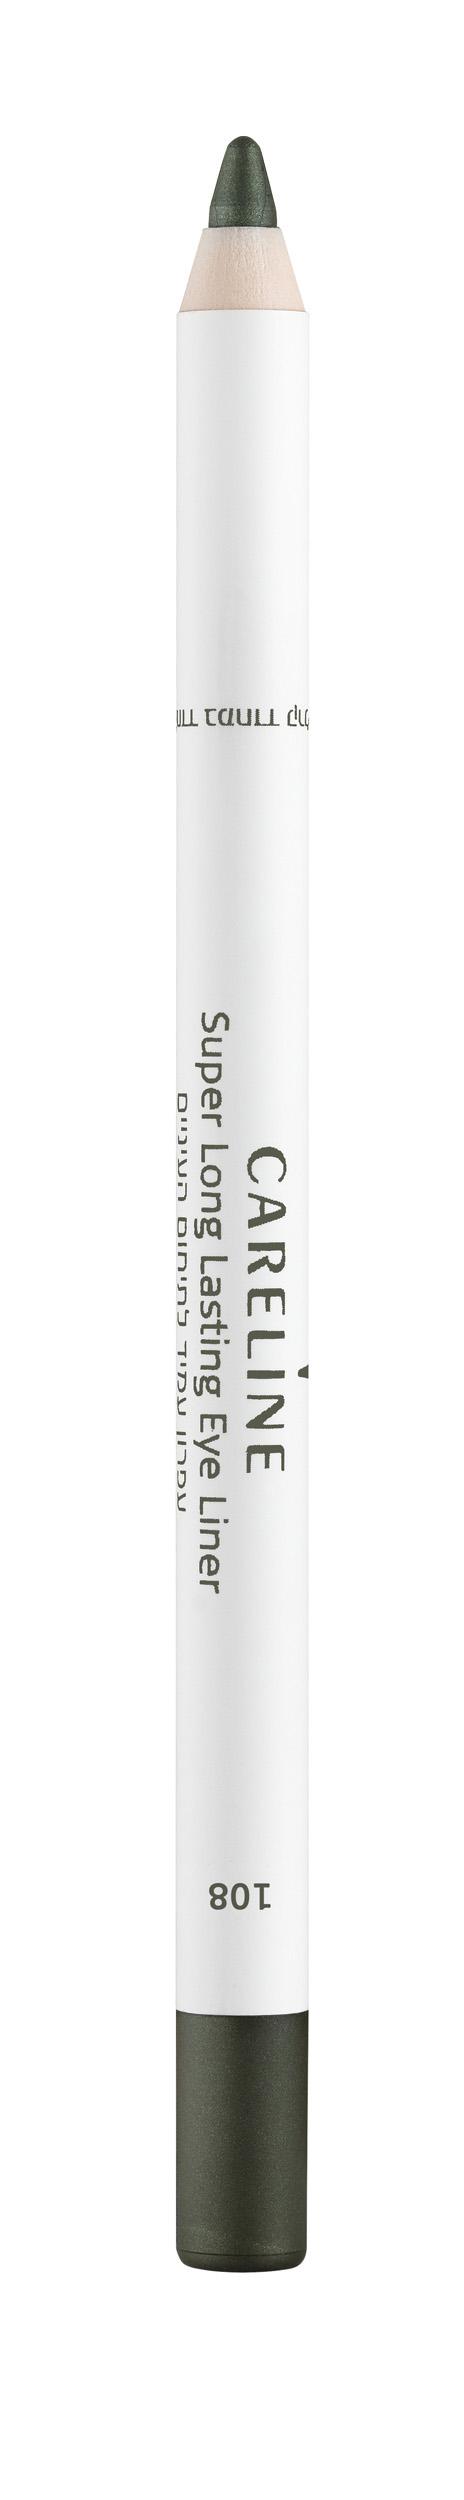 עפרון 108 ירוק זית